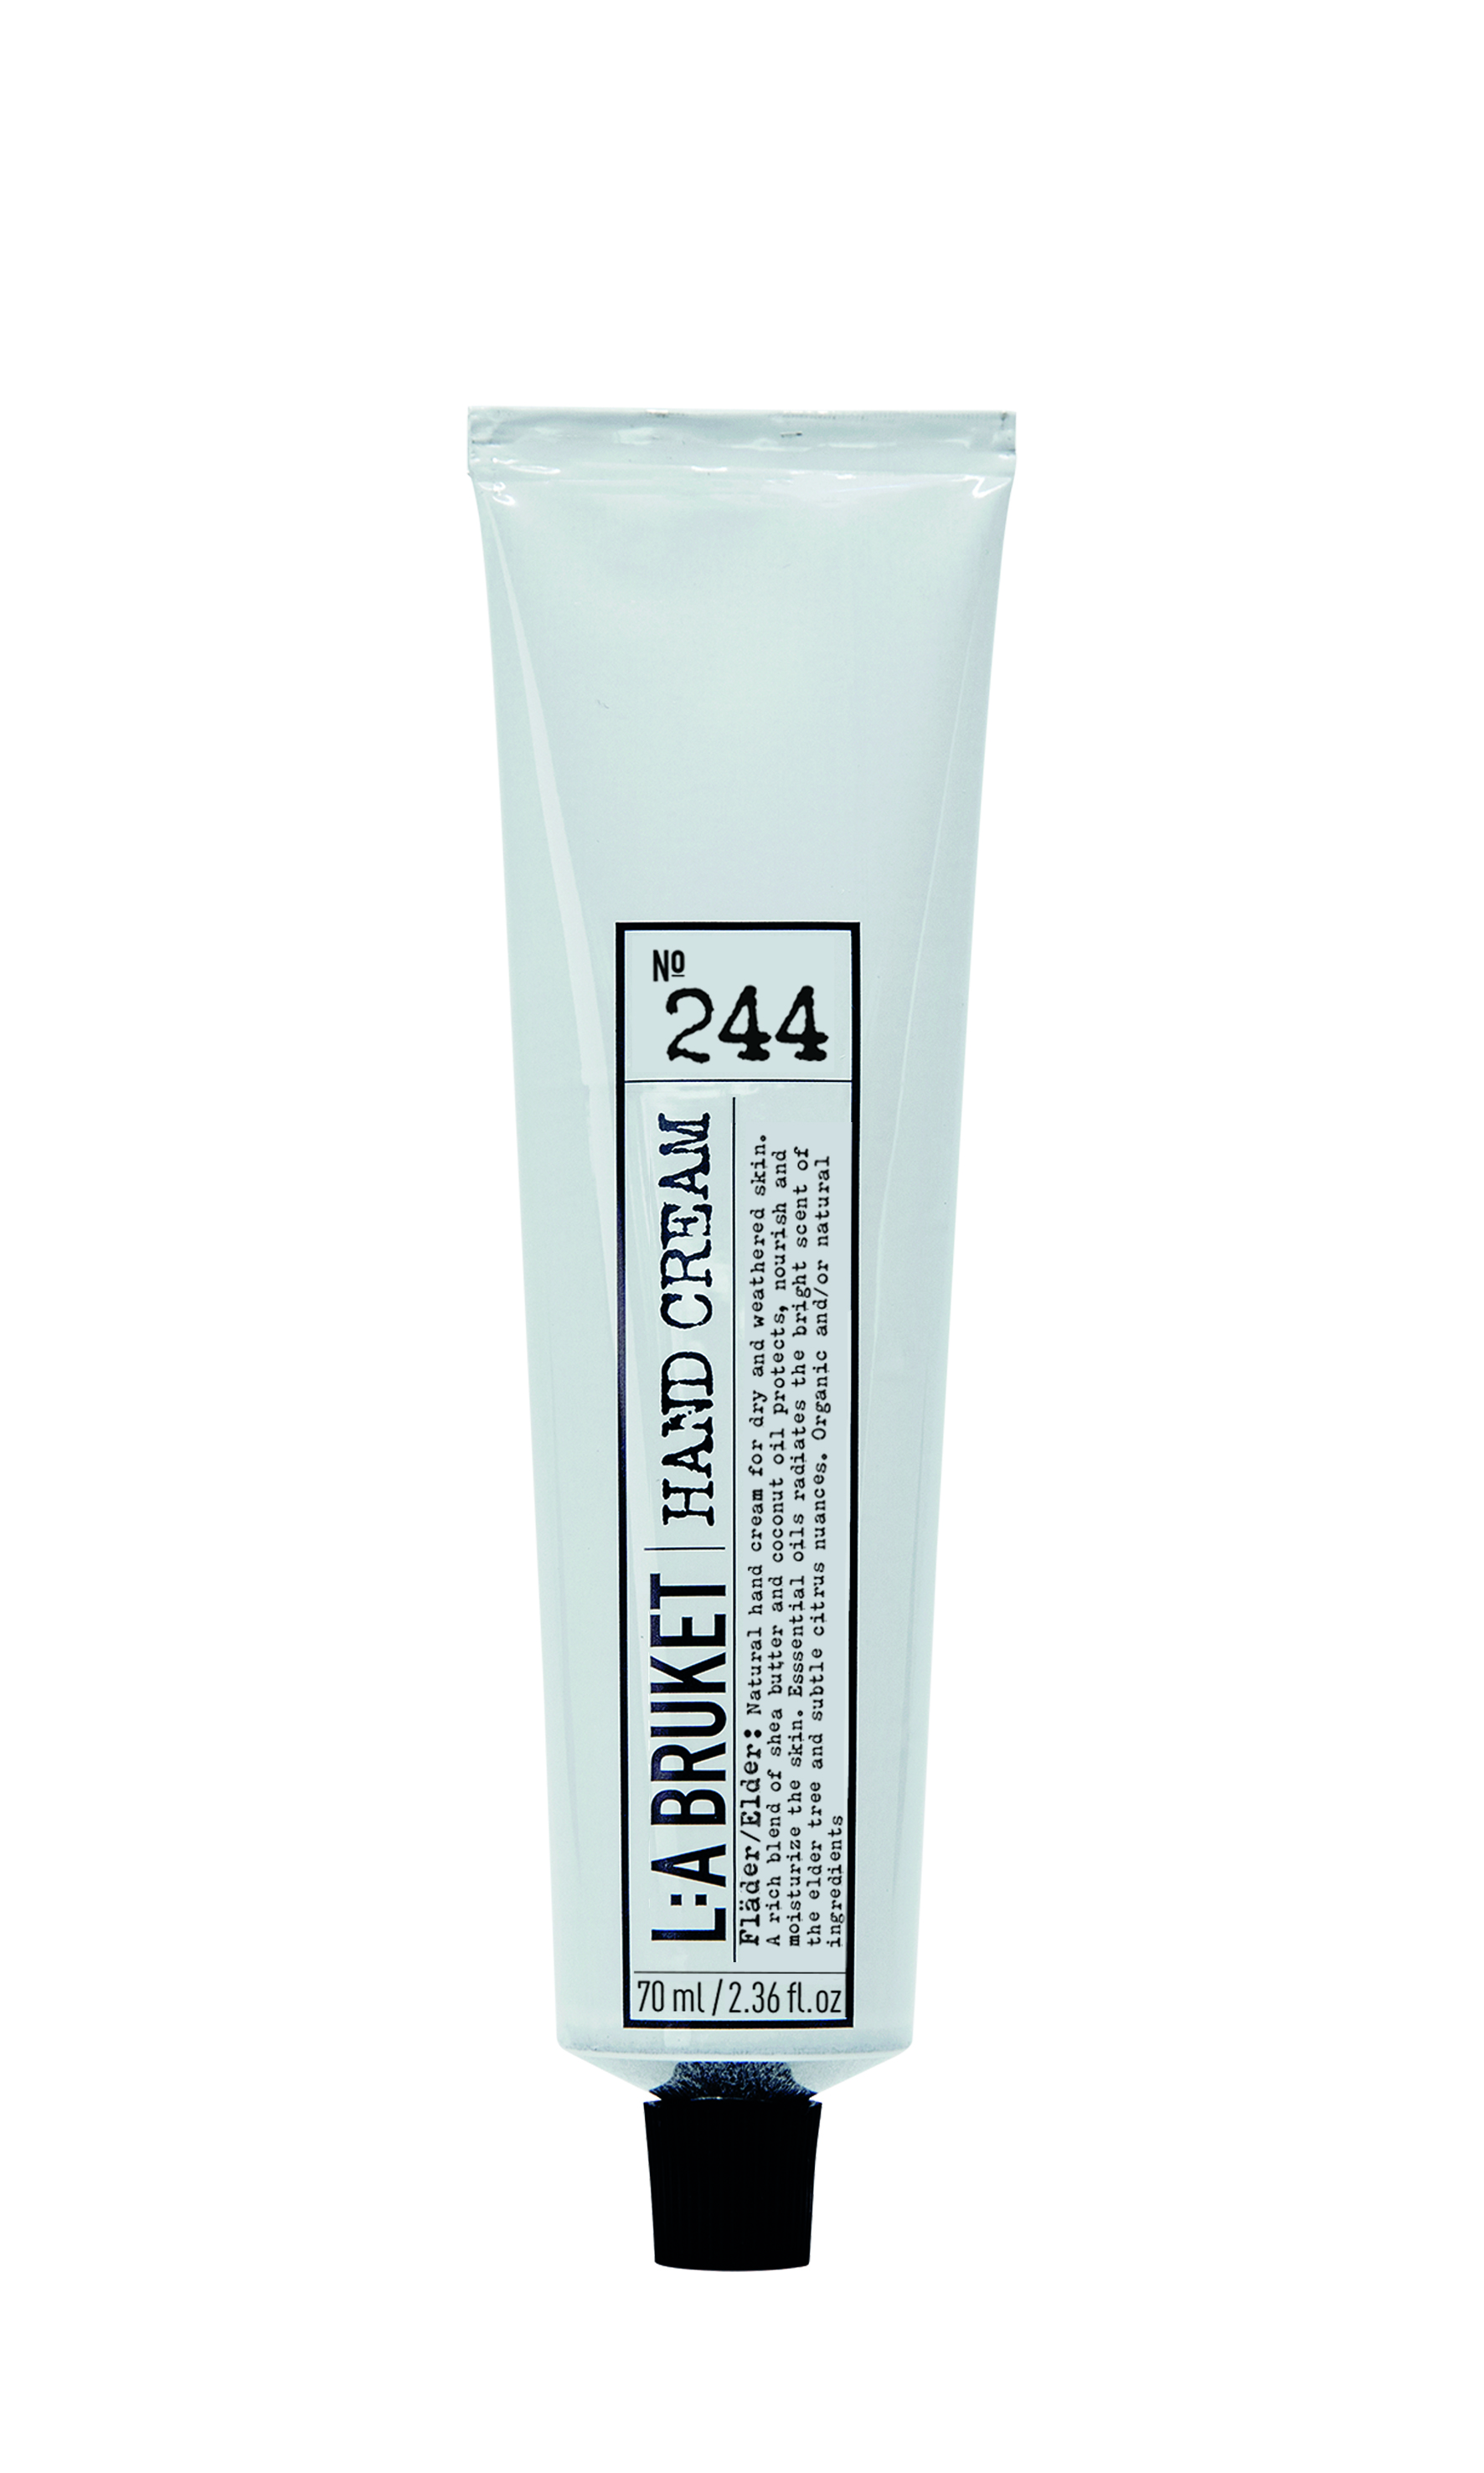 L:a Bruket No. 244 håndcreme, 70 ml, hyldeblomst